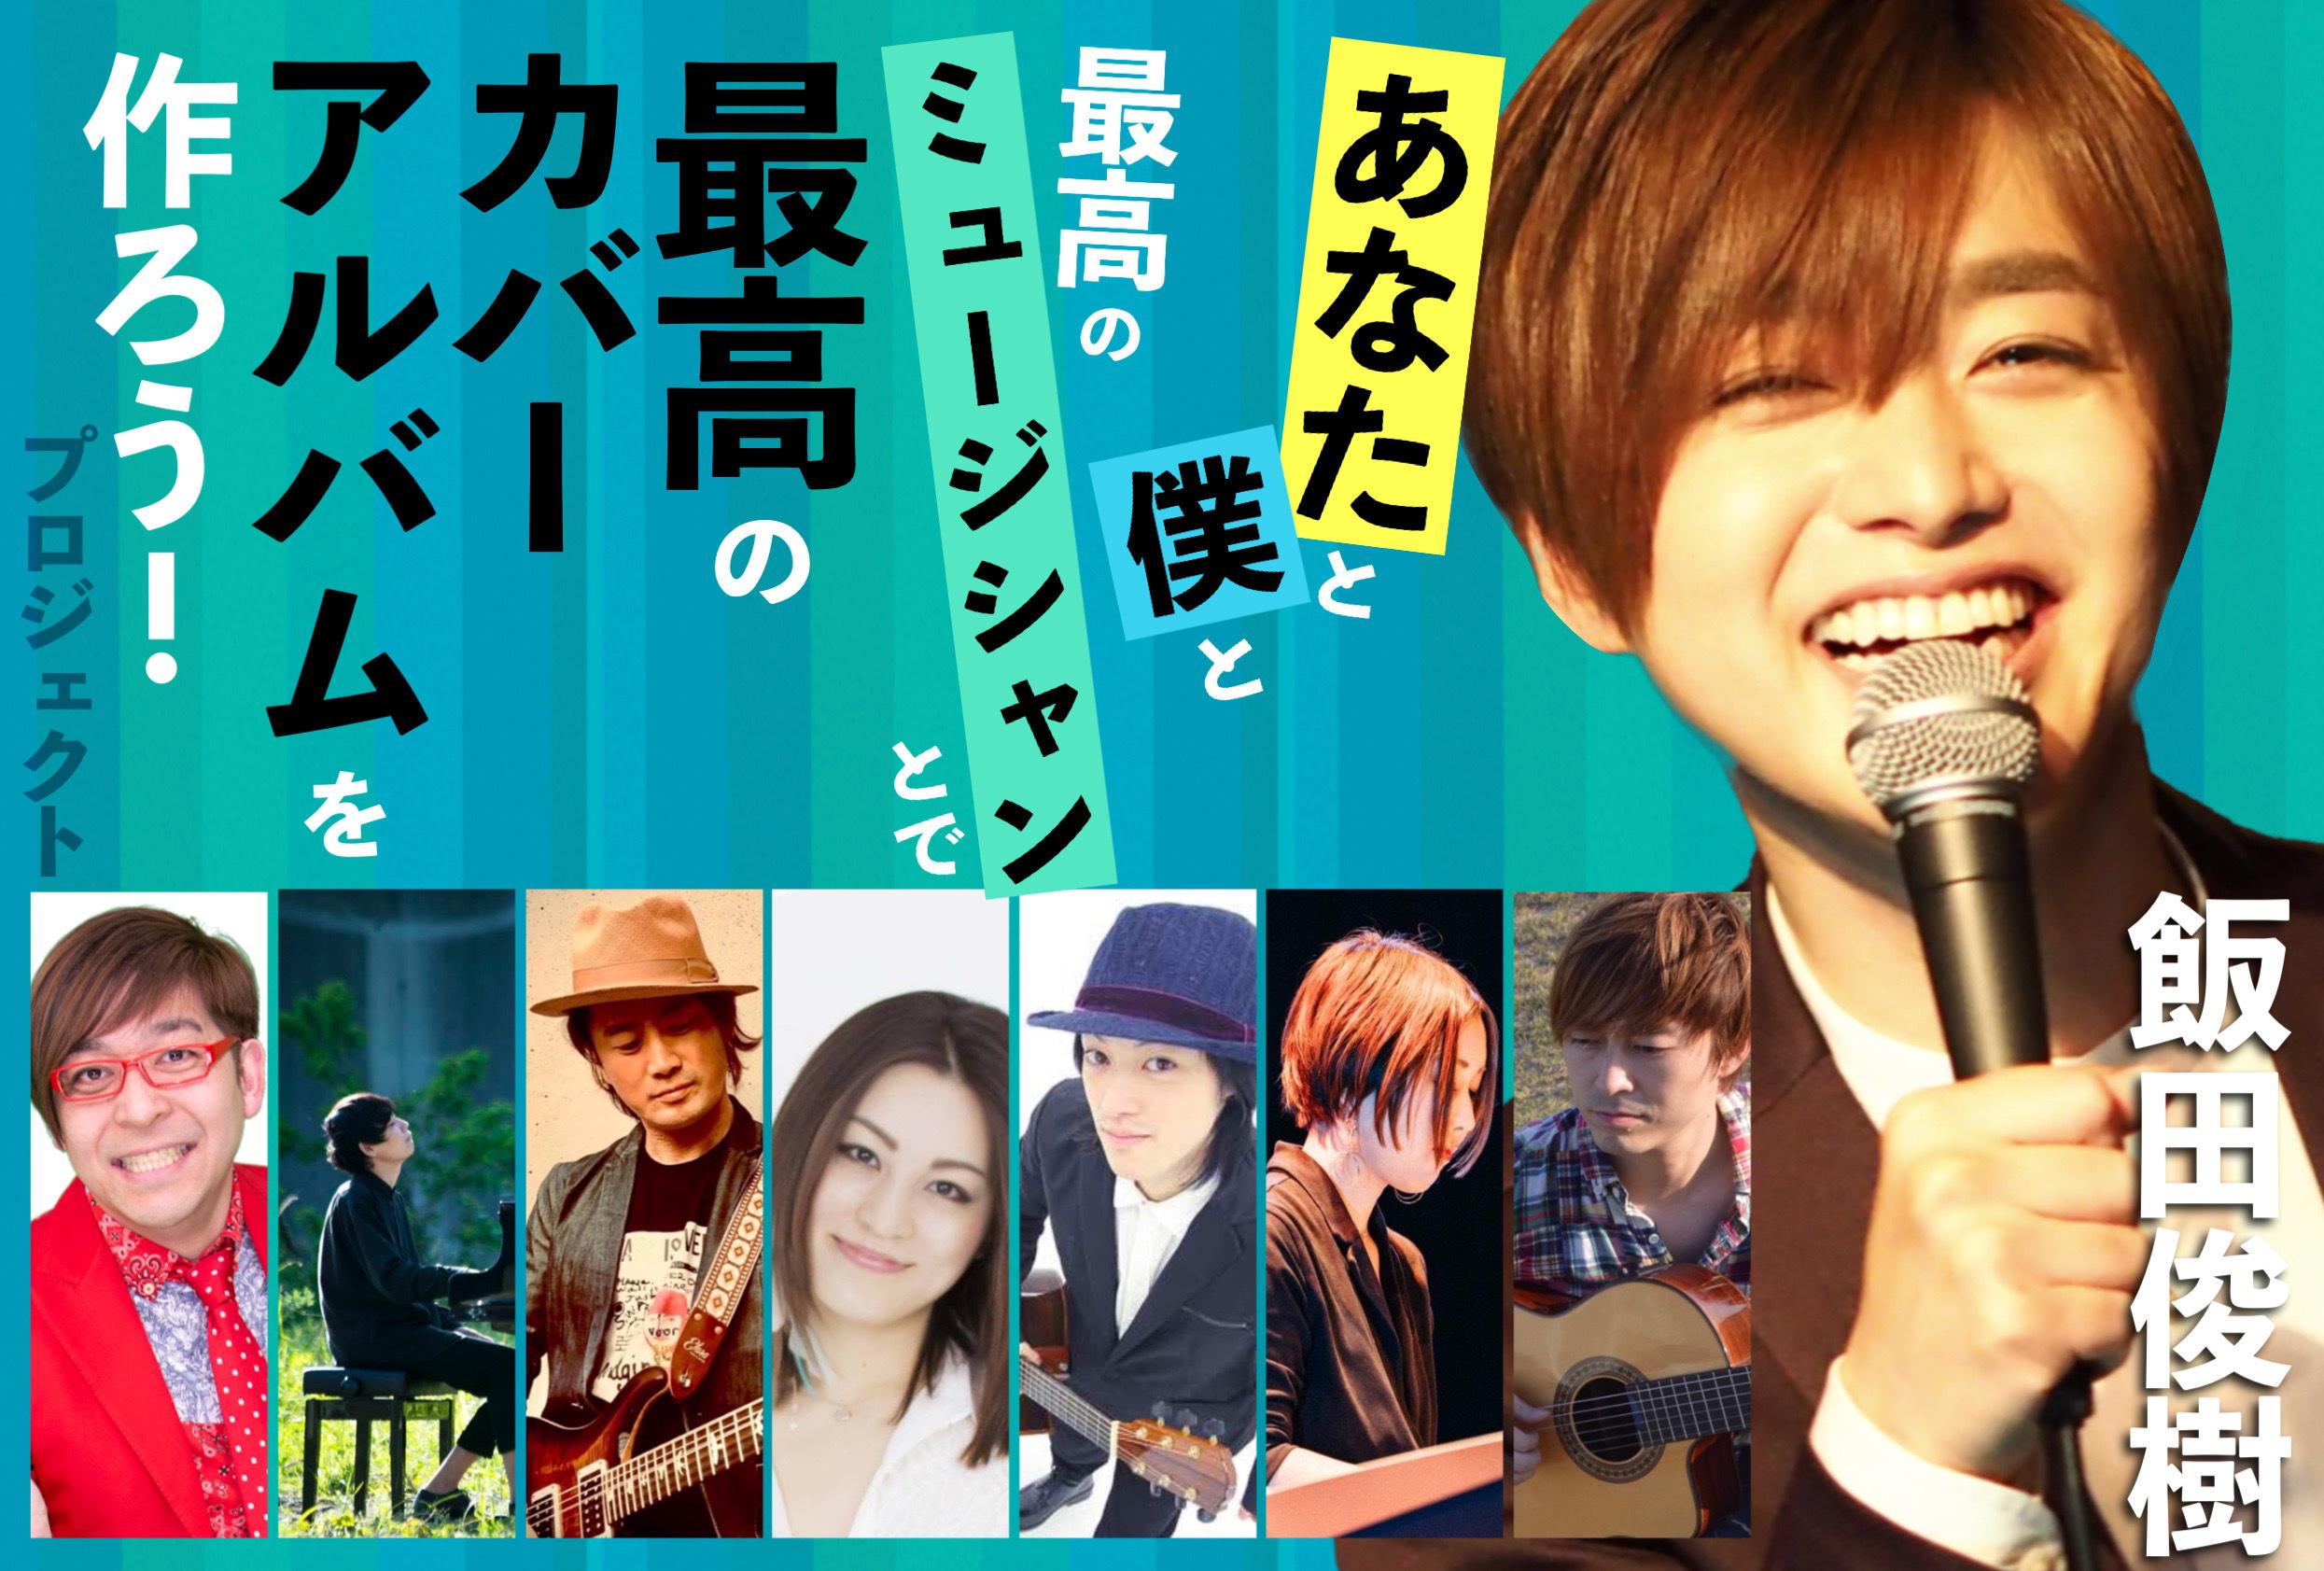 【飯田俊樹】あなたと僕と最高のミュージシャンとで最高のカバーアルバムを作ろう!プロジェクト